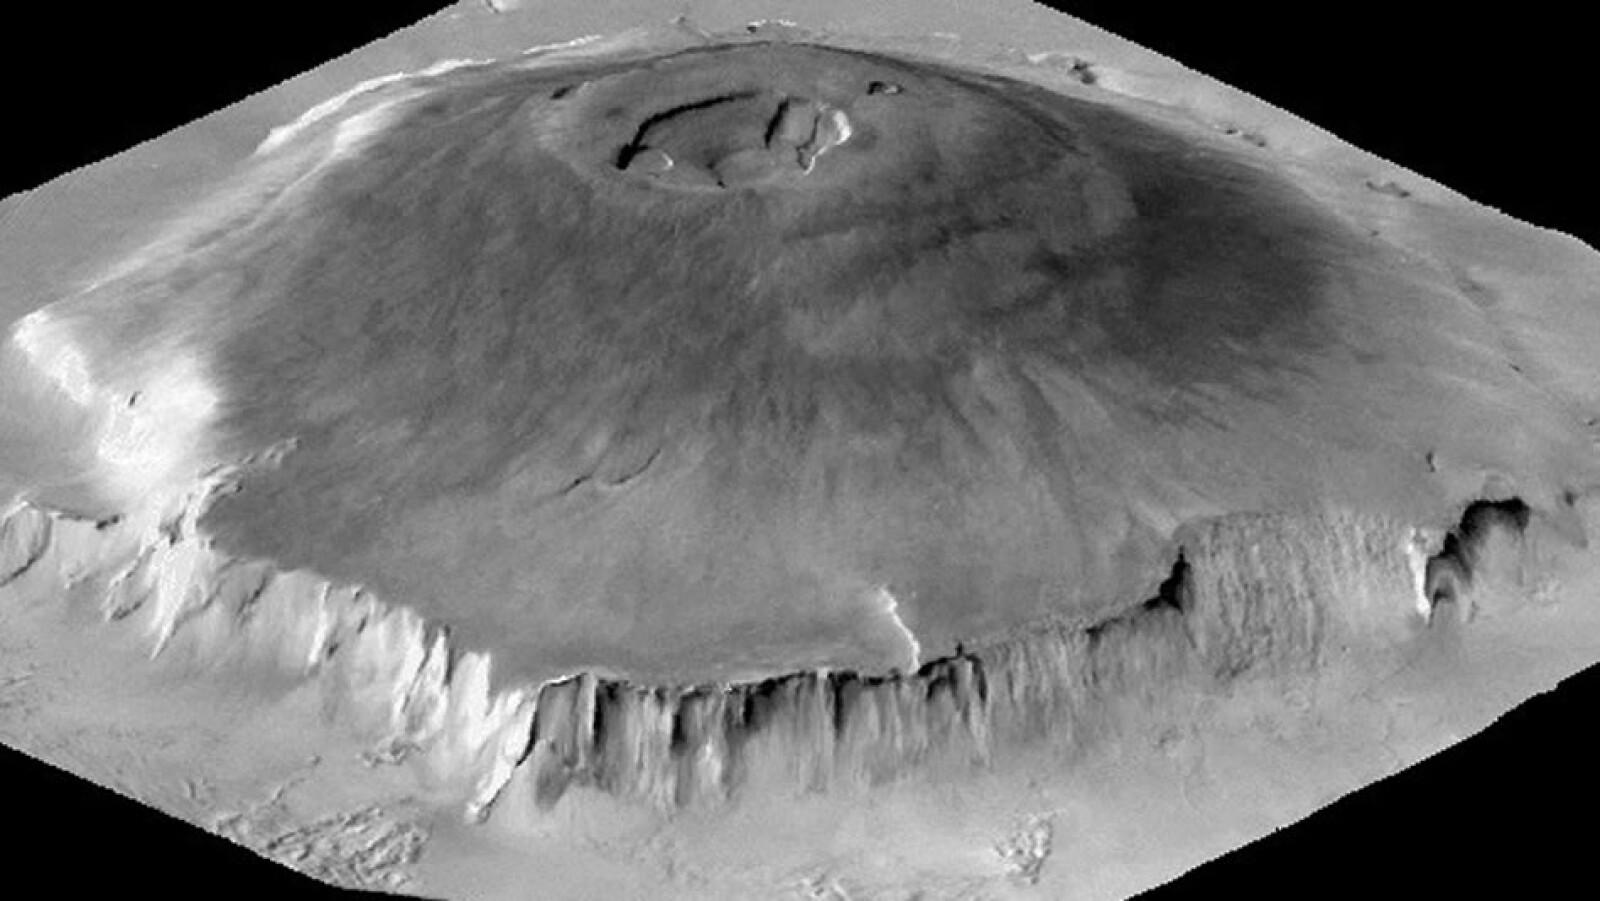 ciencia, marte, supervolcanes, volcanes, formaciones geologicas, crateres